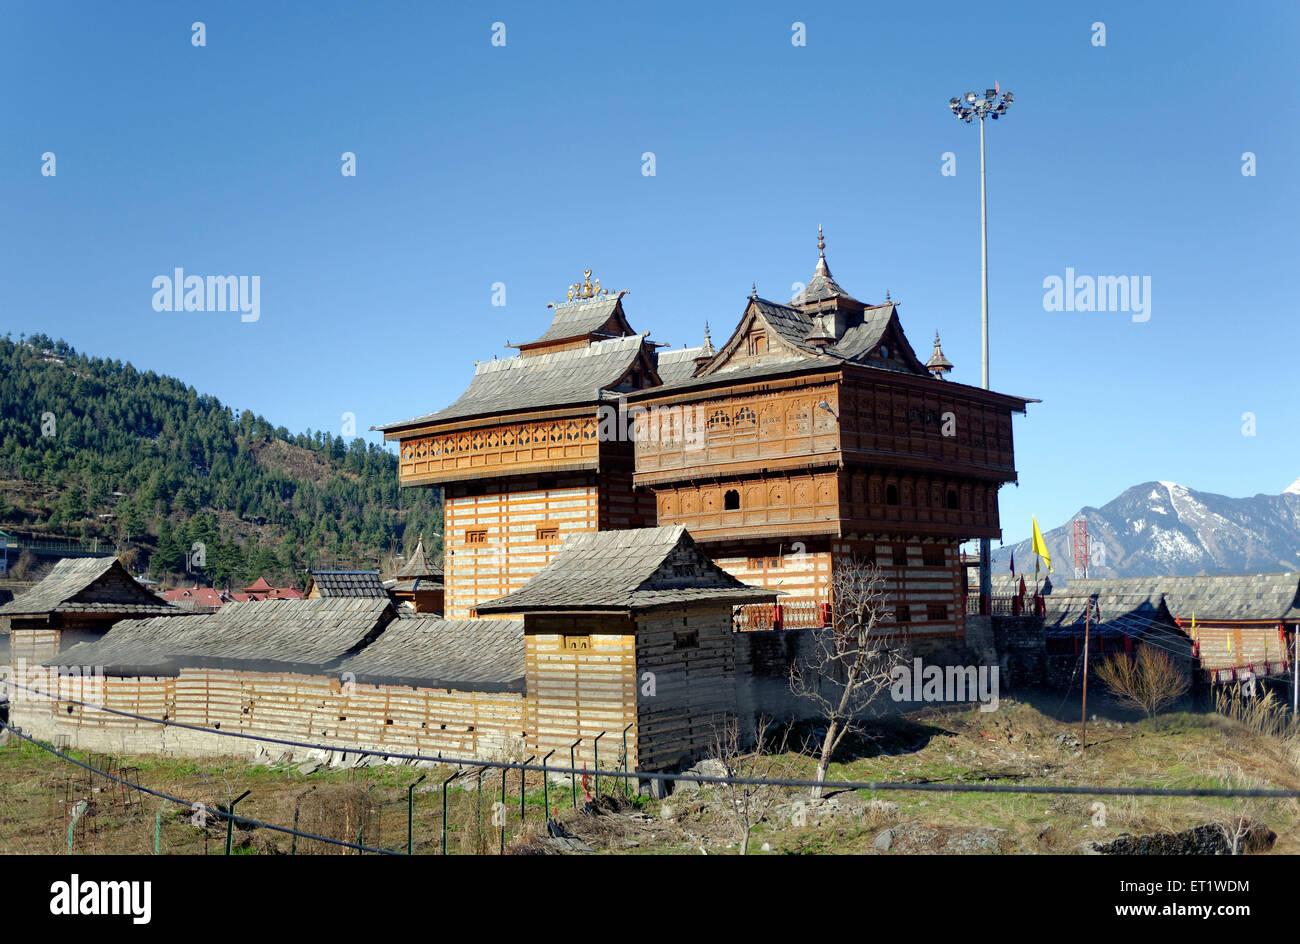 Bhima Kali Temple in Sarahan at Himachal Pradesh India - Stock Image